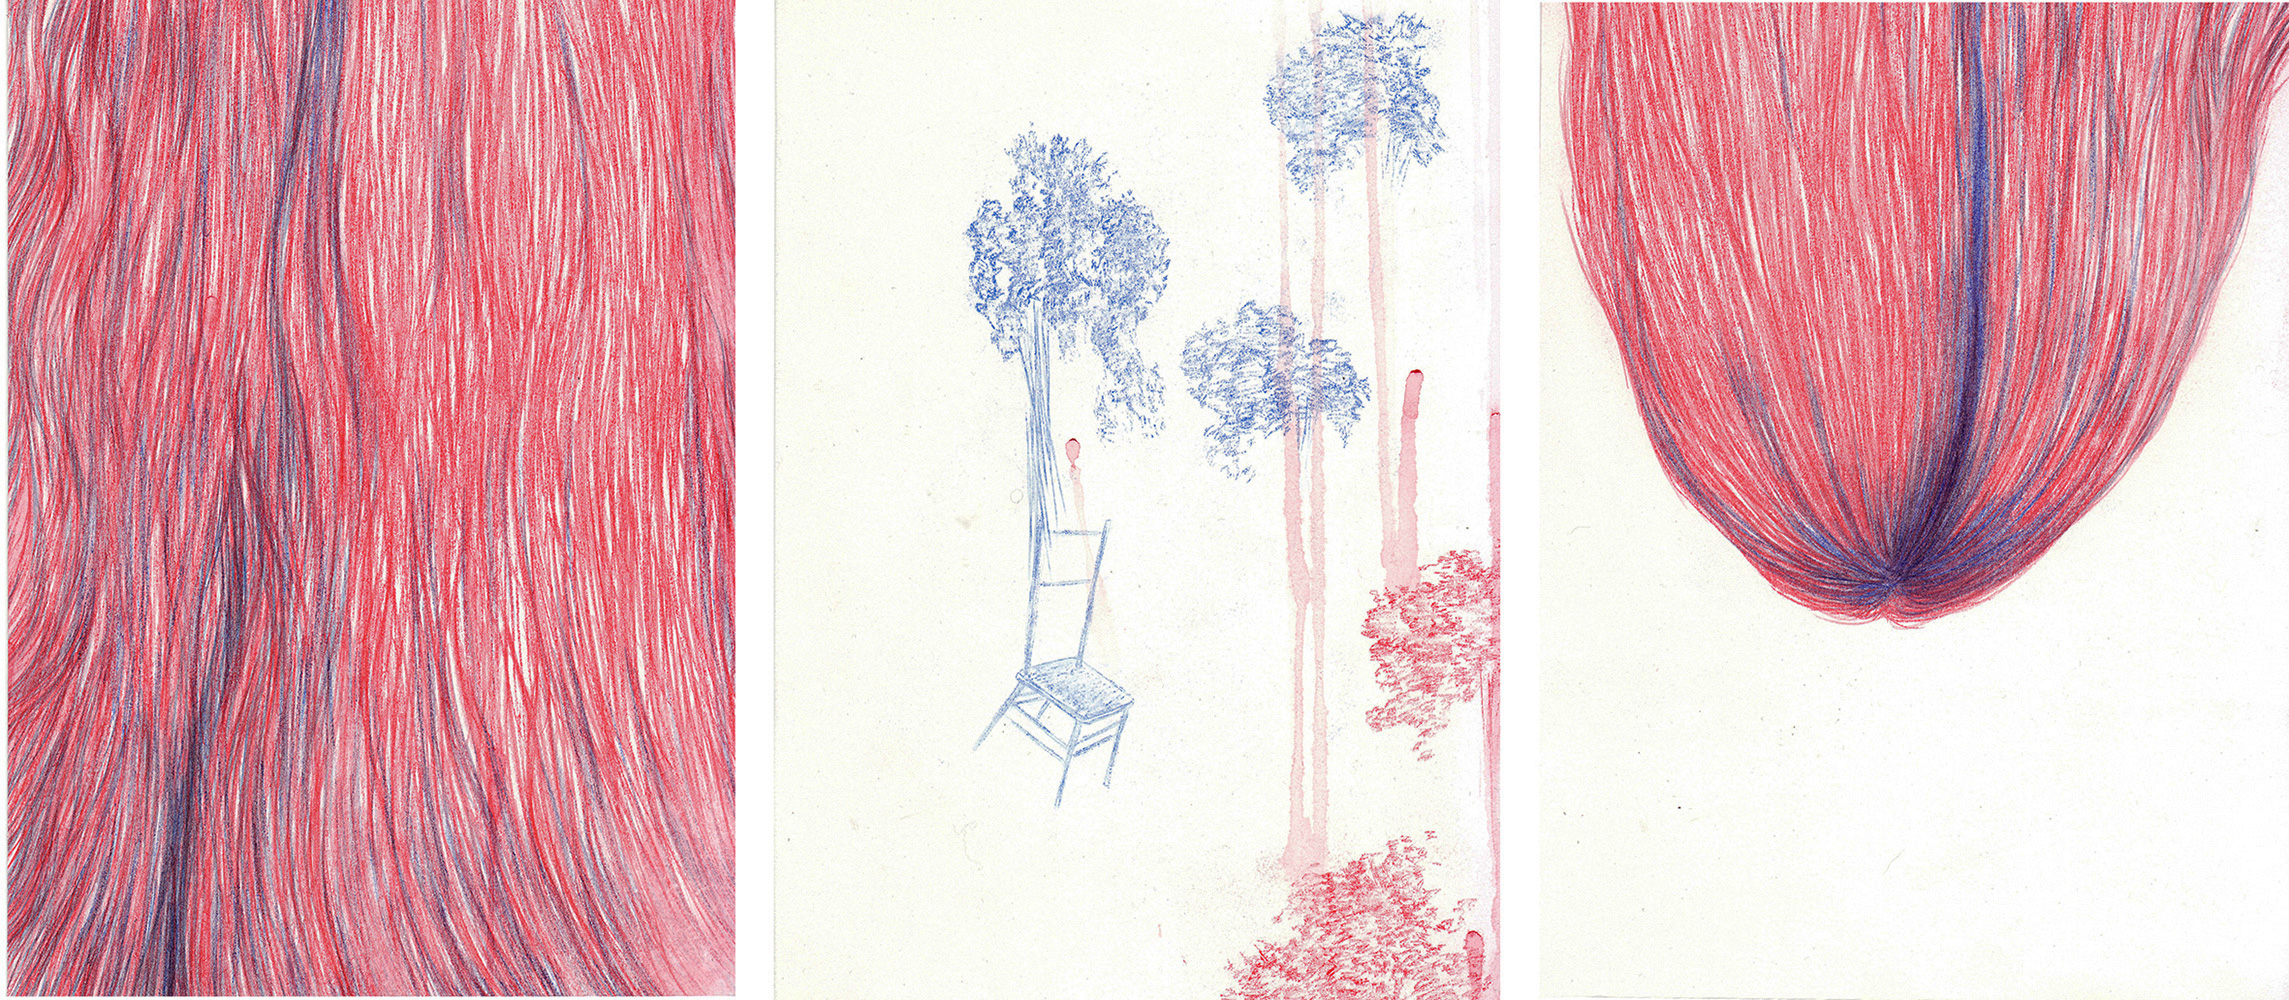 <i>Les chevelures de l'assise</i>, 2014, triptyque, 28x63cm